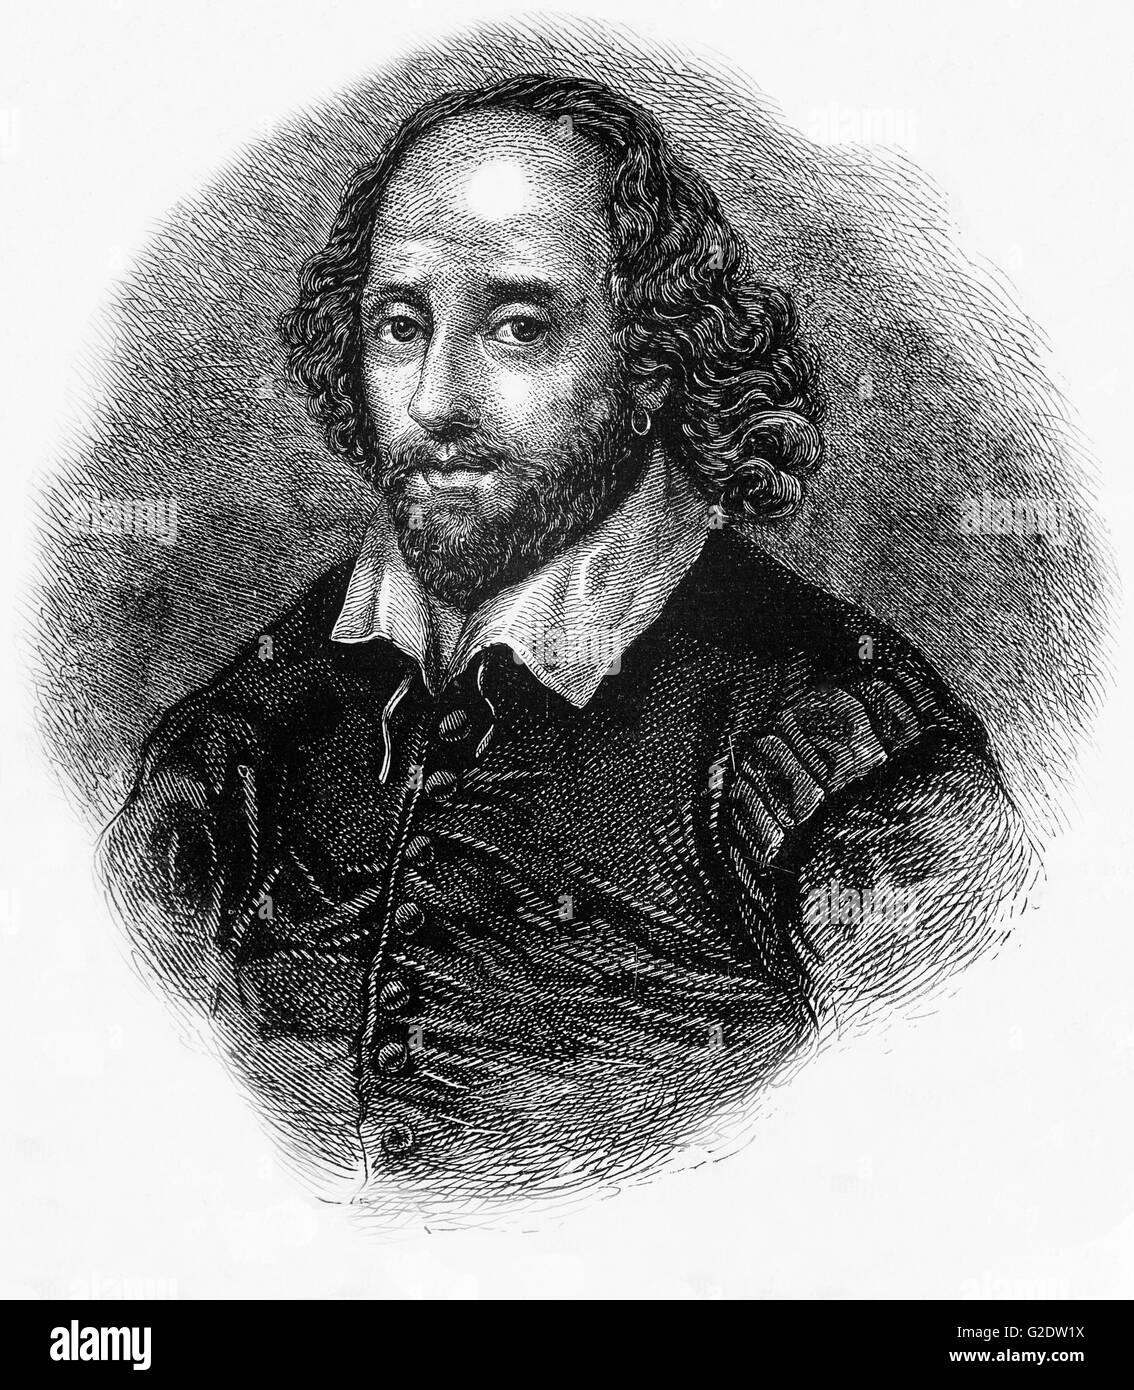 William Shakespeare (1564 - 1616), poeta inglese, drammaturgo e attore, ampiamente considerato come il più grande scrittore in lingua inglese e il mondo della pre-eminente drammaturgo; spesso chiamato Inghilterra del poeta nazionale e la 'Bard di Avon' Foto Stock